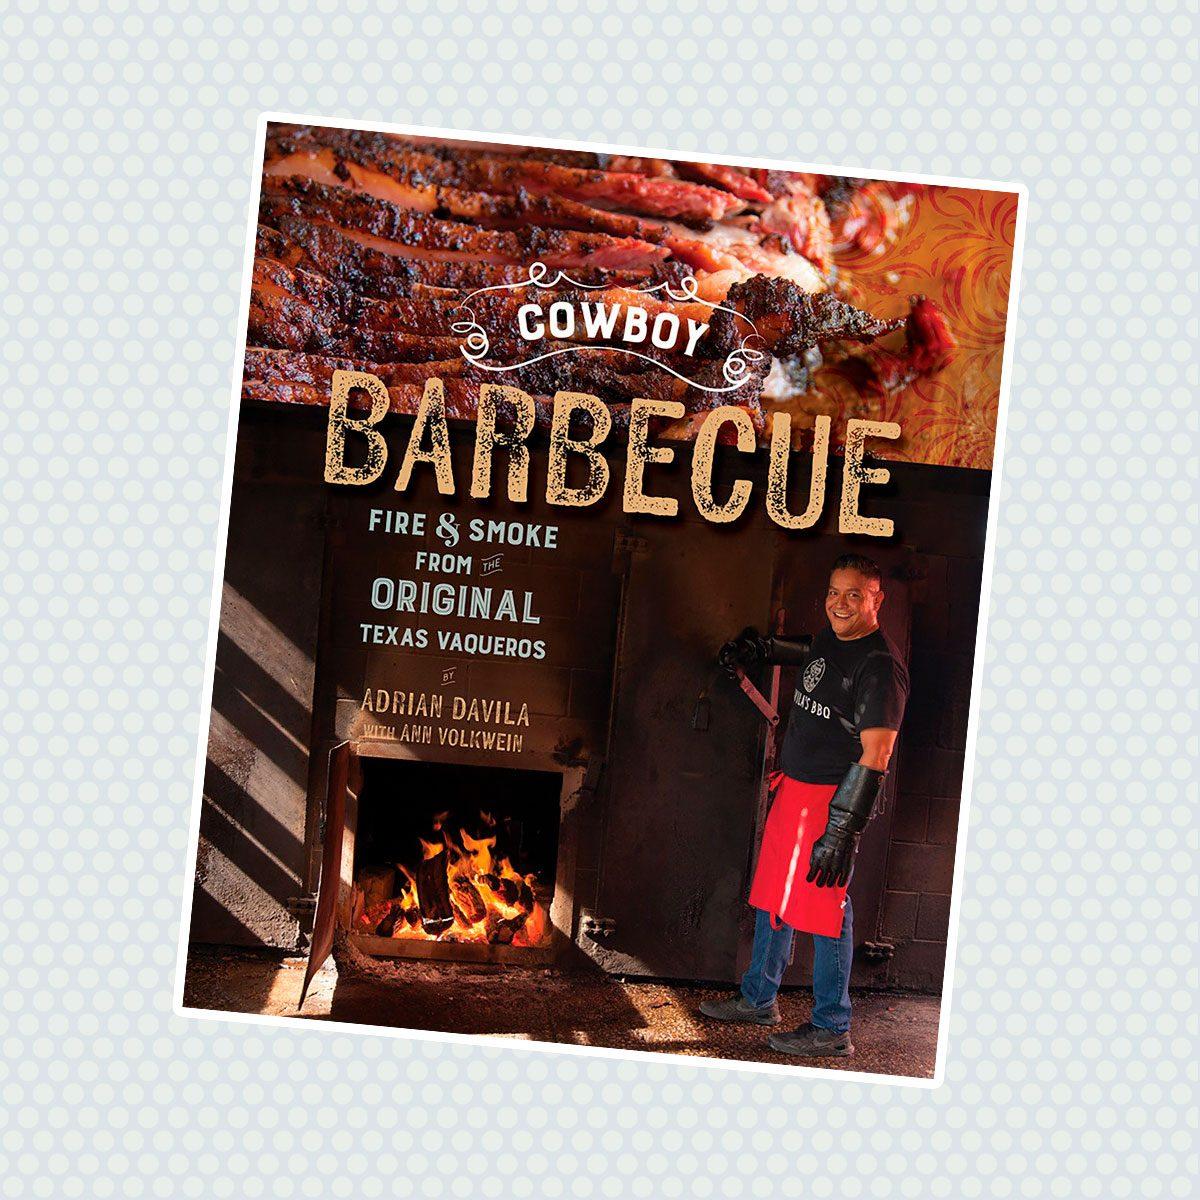 Cowboy Barbecue: Fire and Smoke from Original Texas Vaqueros